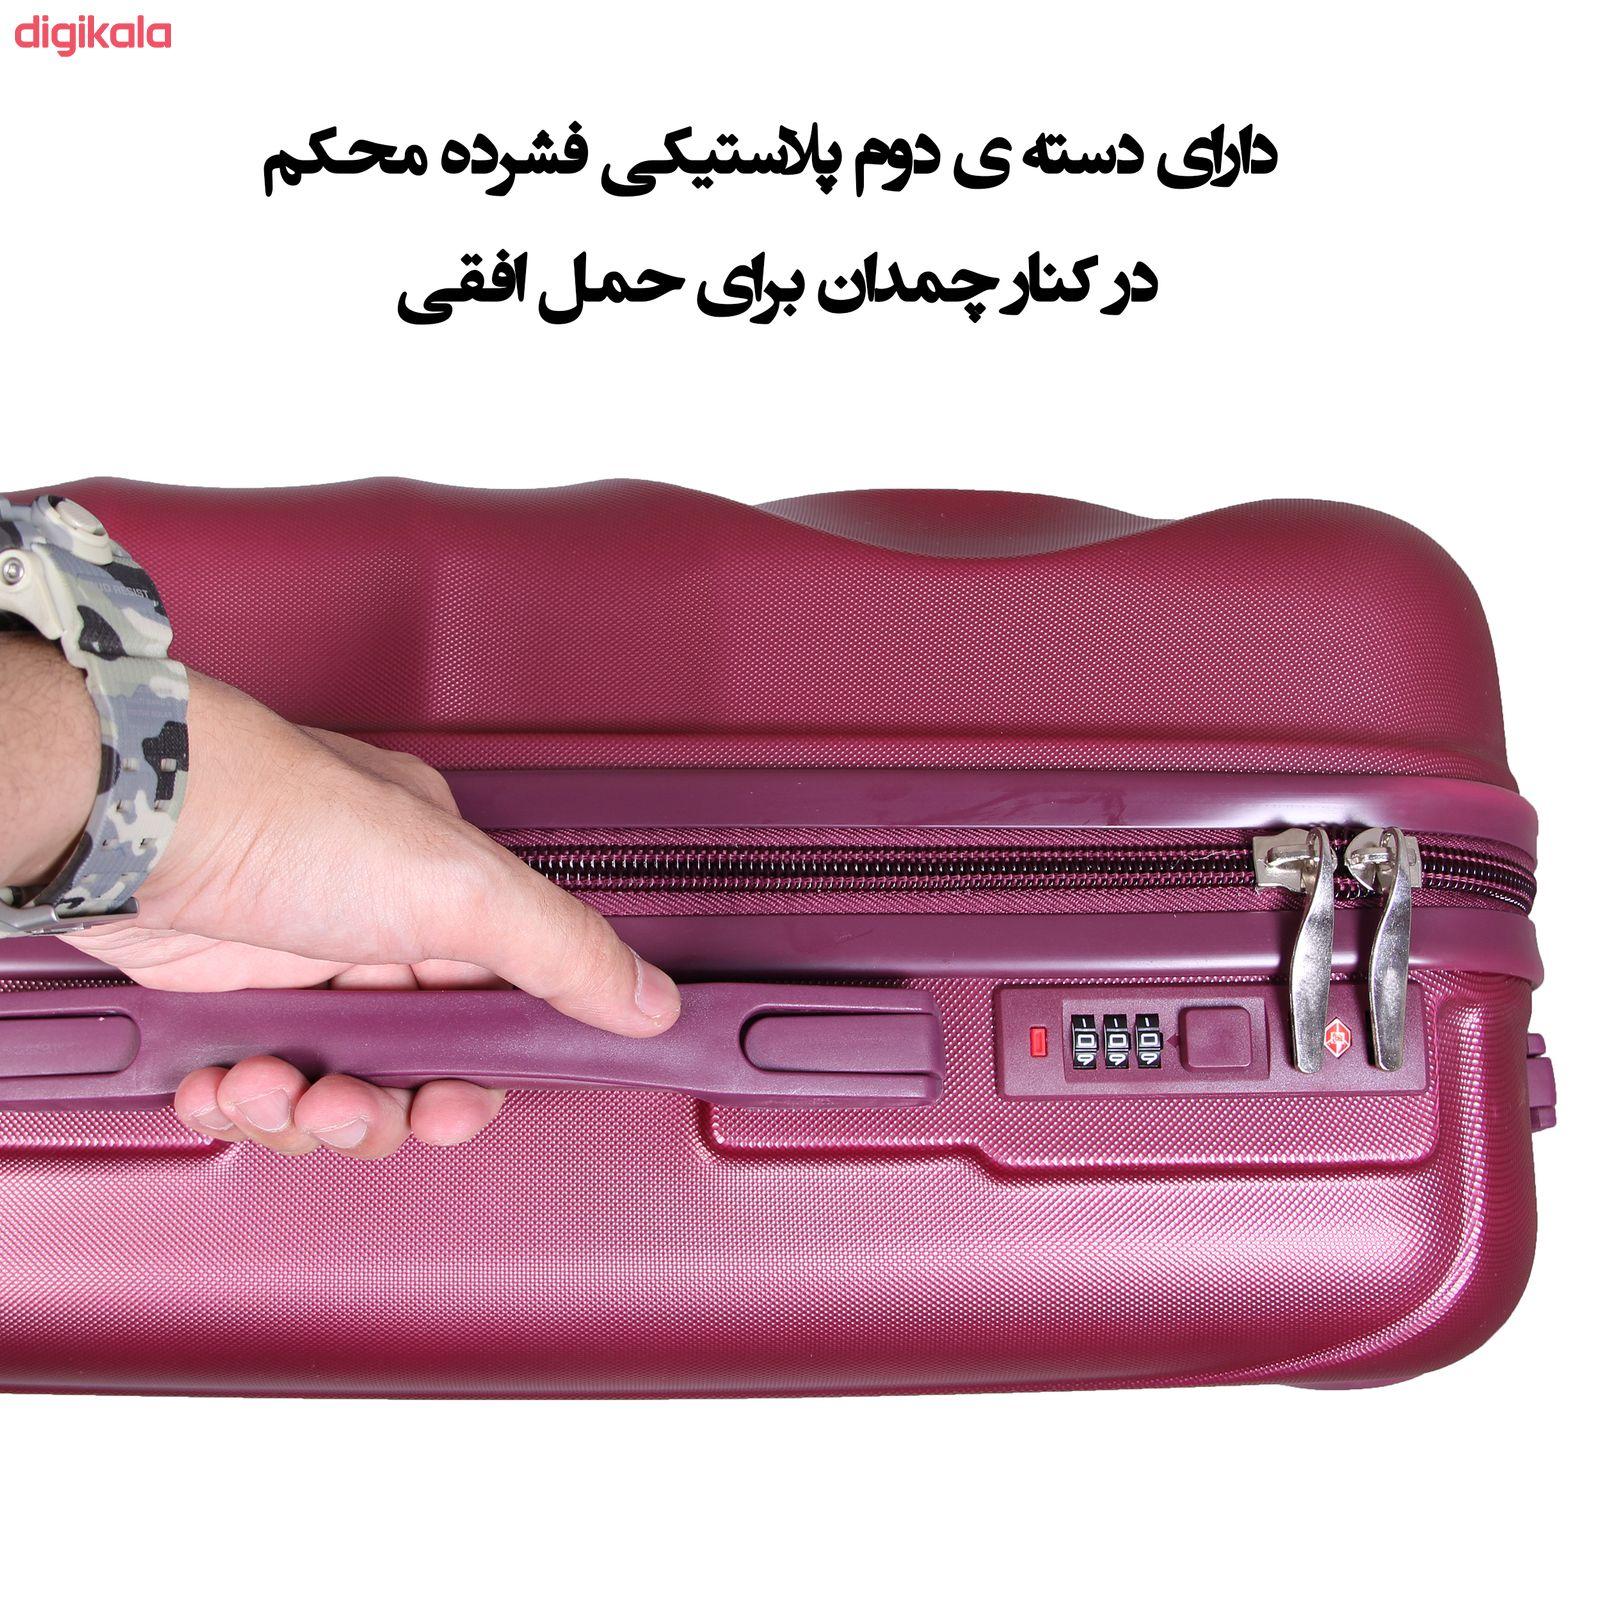 مجموعه چهار عددی چمدان مدل 319363 main 1 19